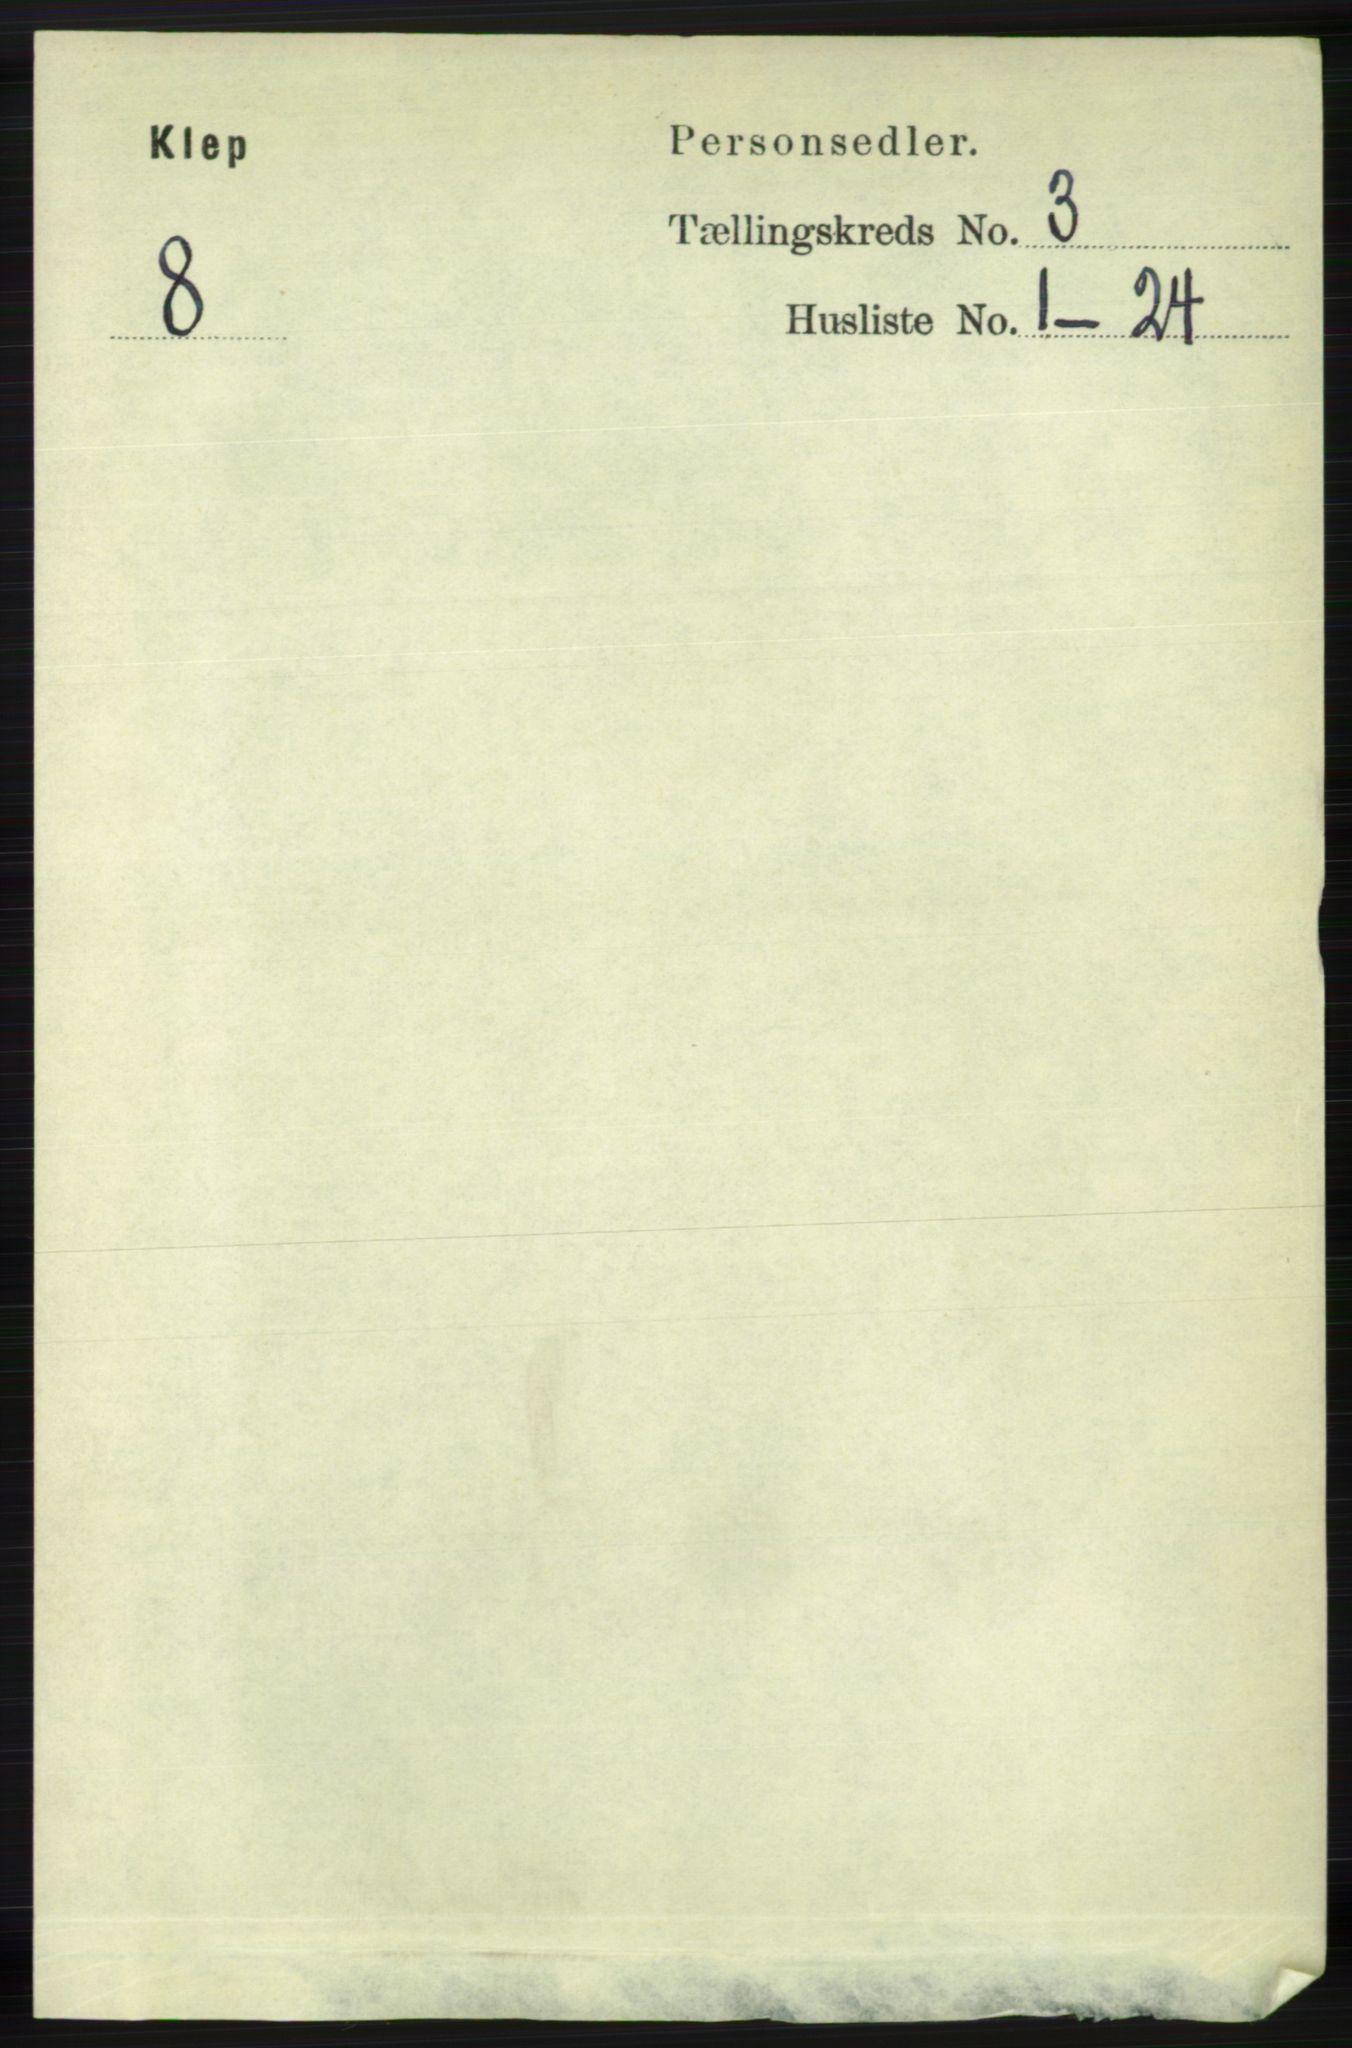 RA, Folketelling 1891 for 1120 Klepp herred, 1891, s. 640